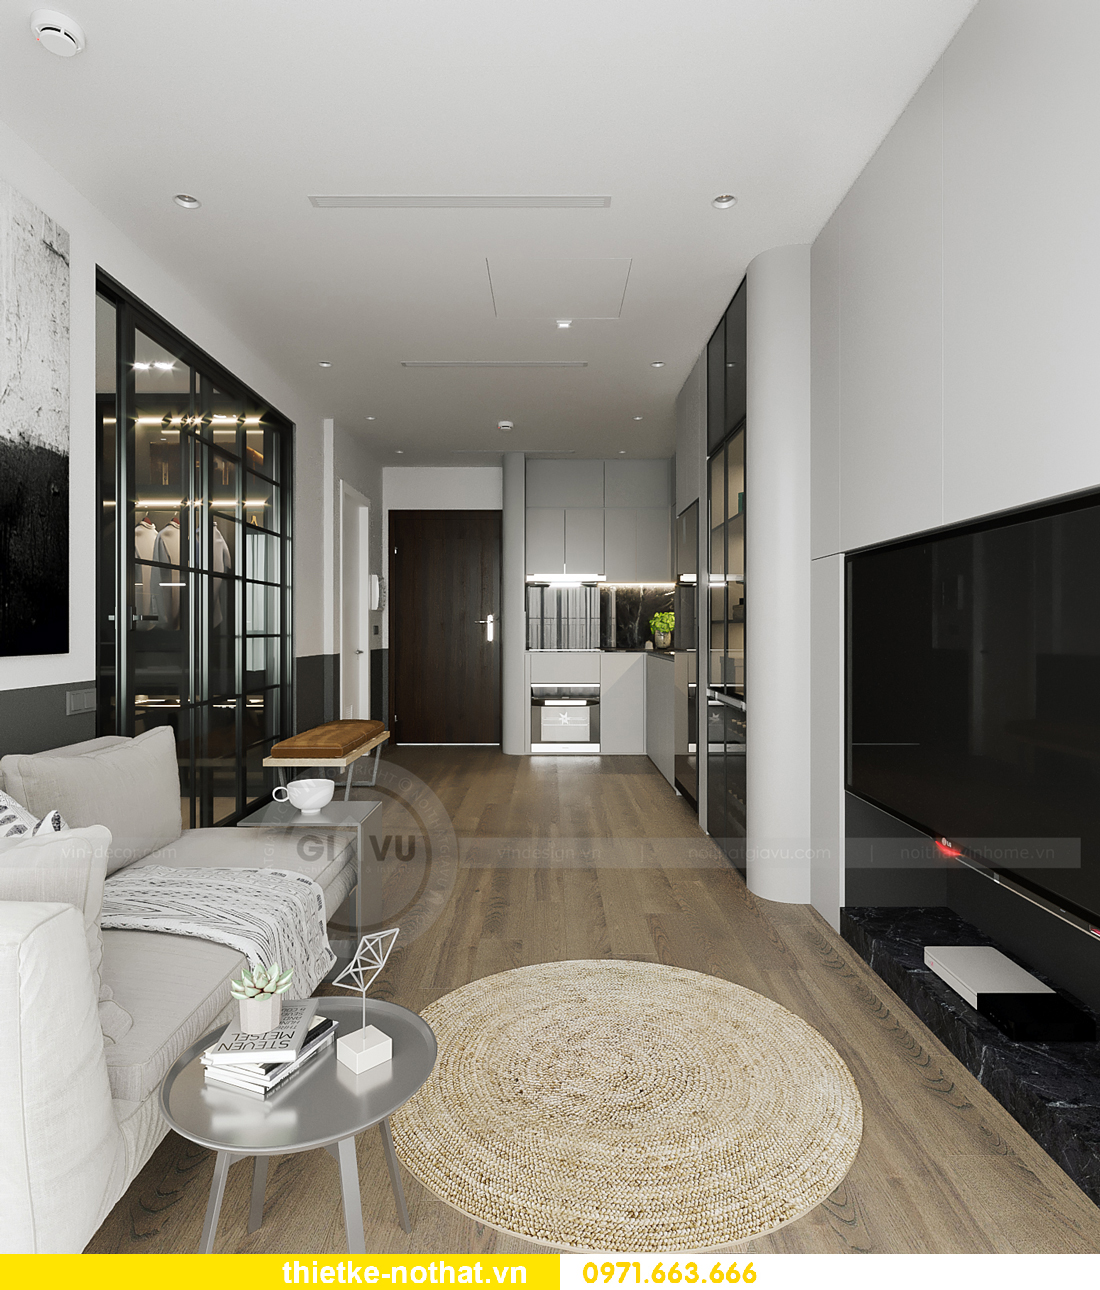 thiết kế nội thất căn hộ chung cư Smart City tòa S102 căn 09 6